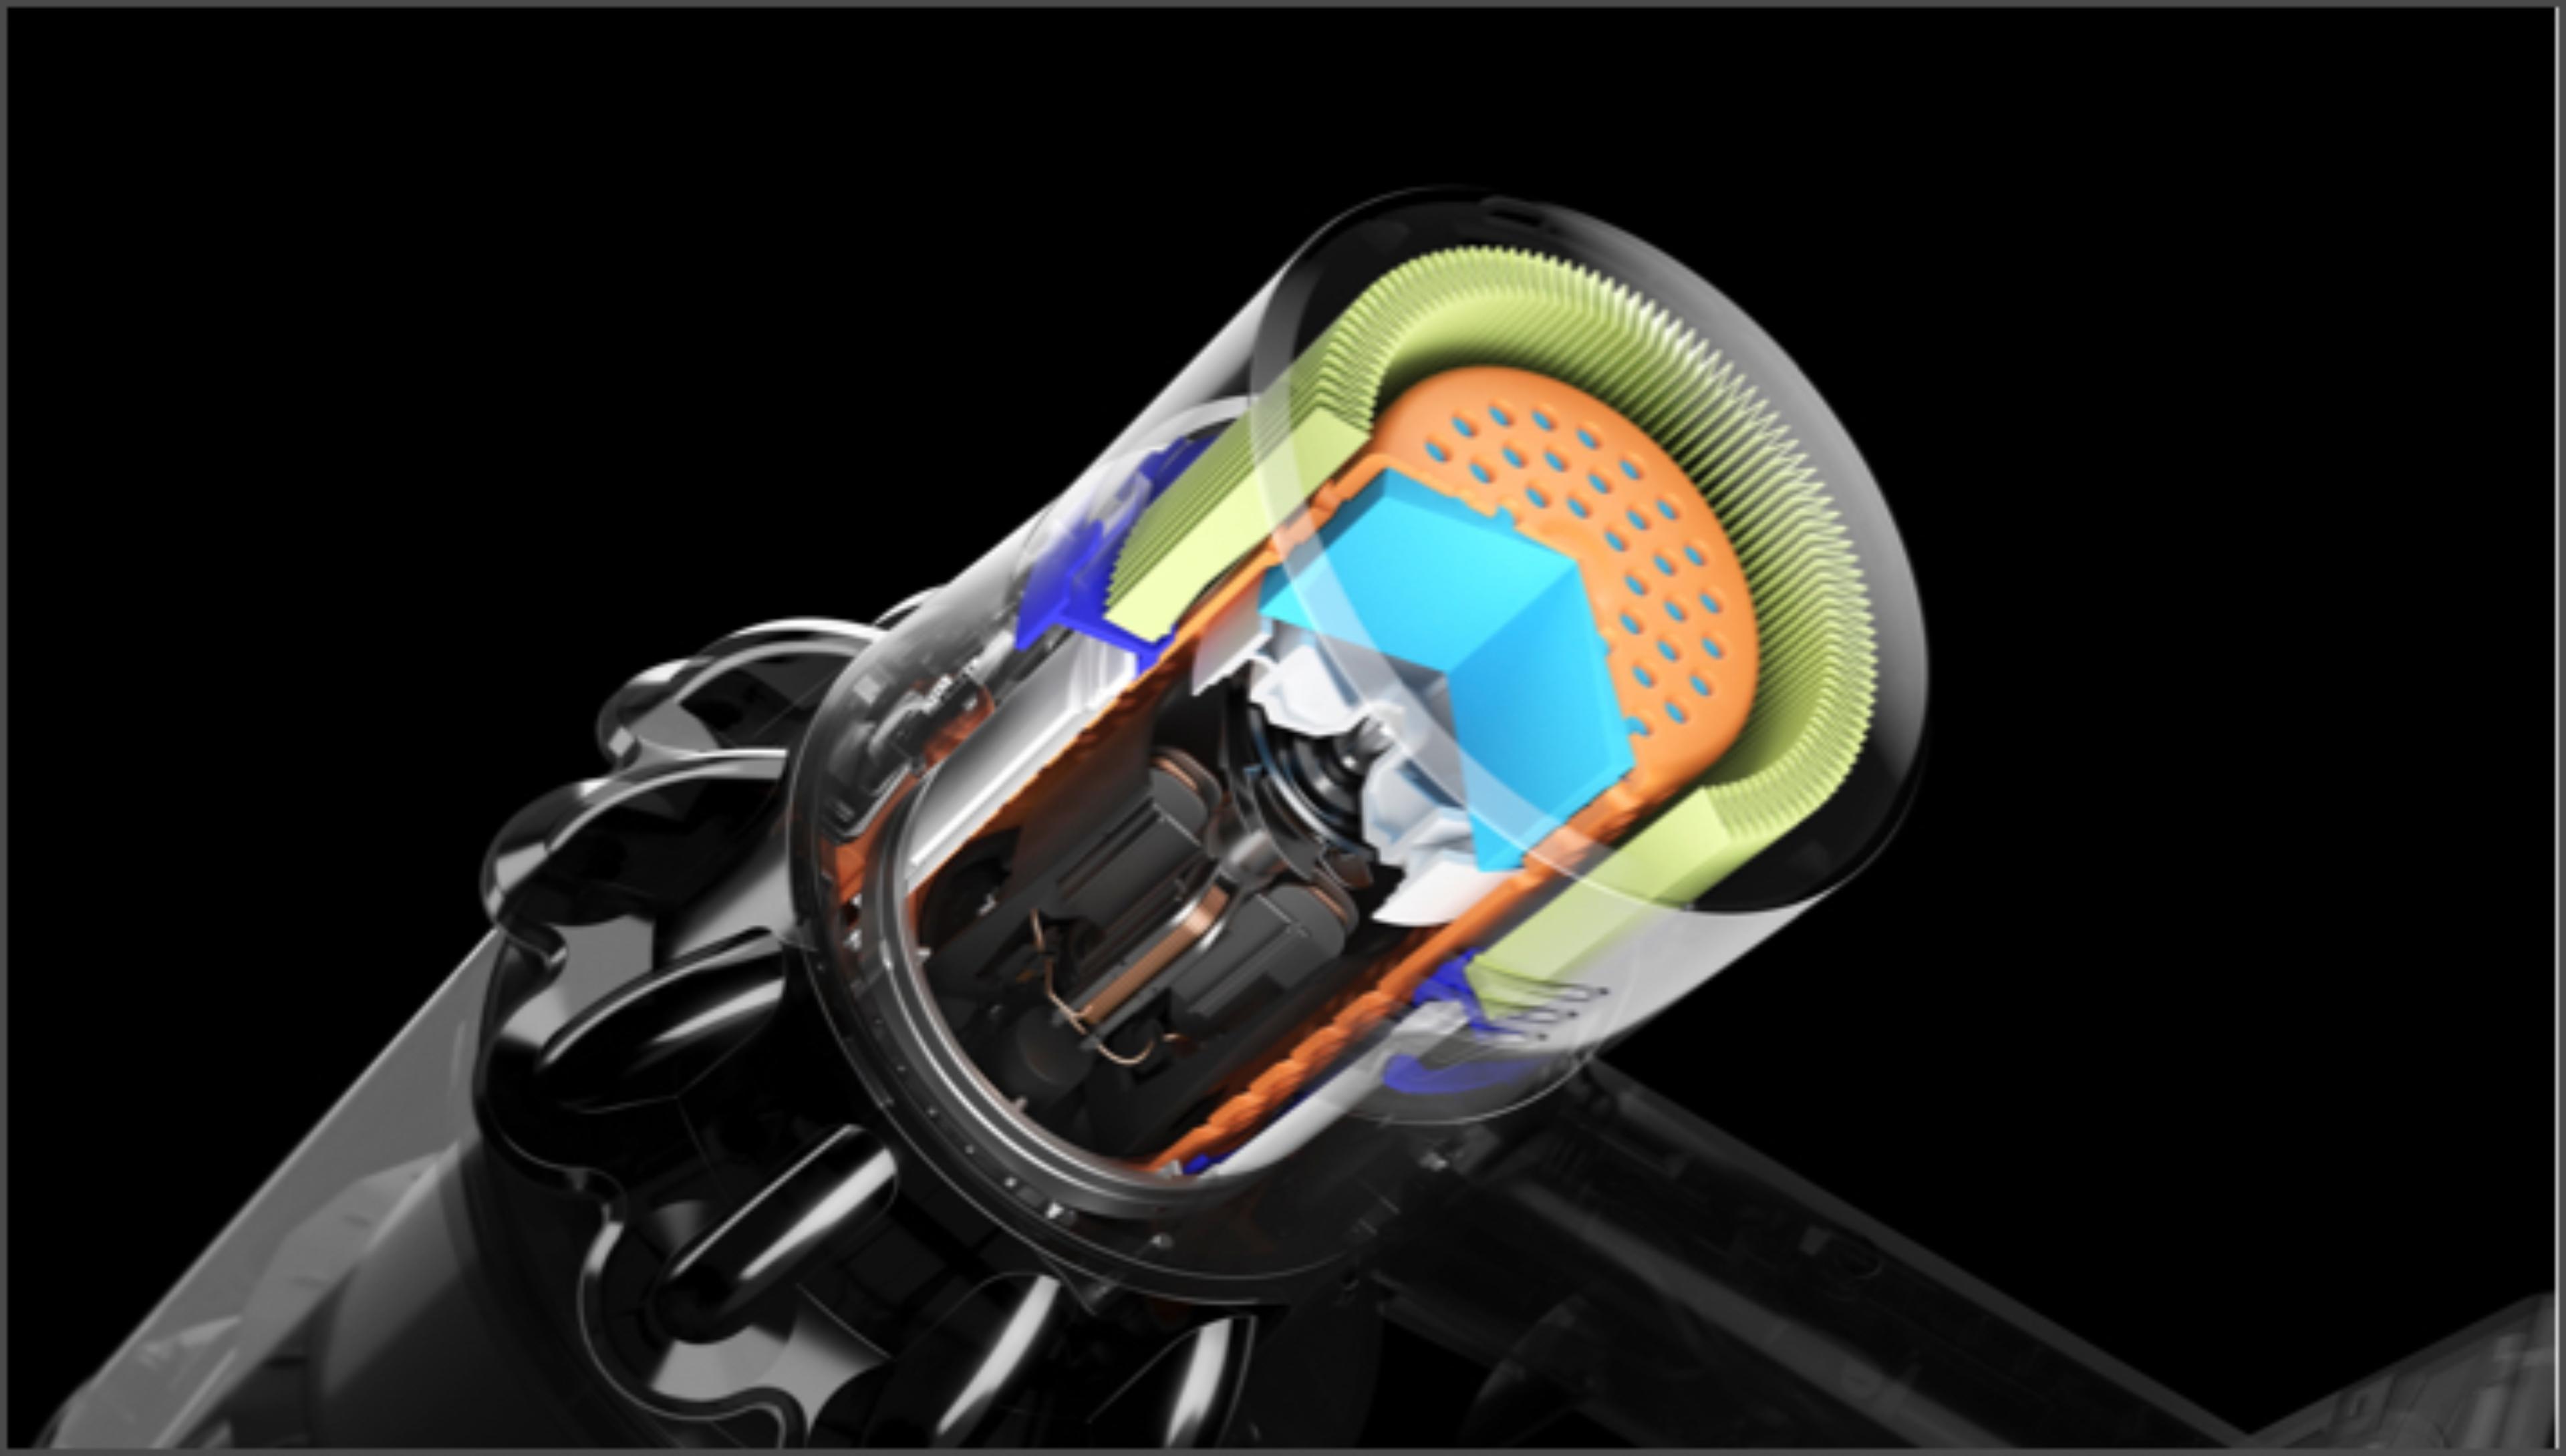 Imagen seccionada del filtro de la aspiradora Dyson V11 Outsize muestra el sistema de aislamiento acústico